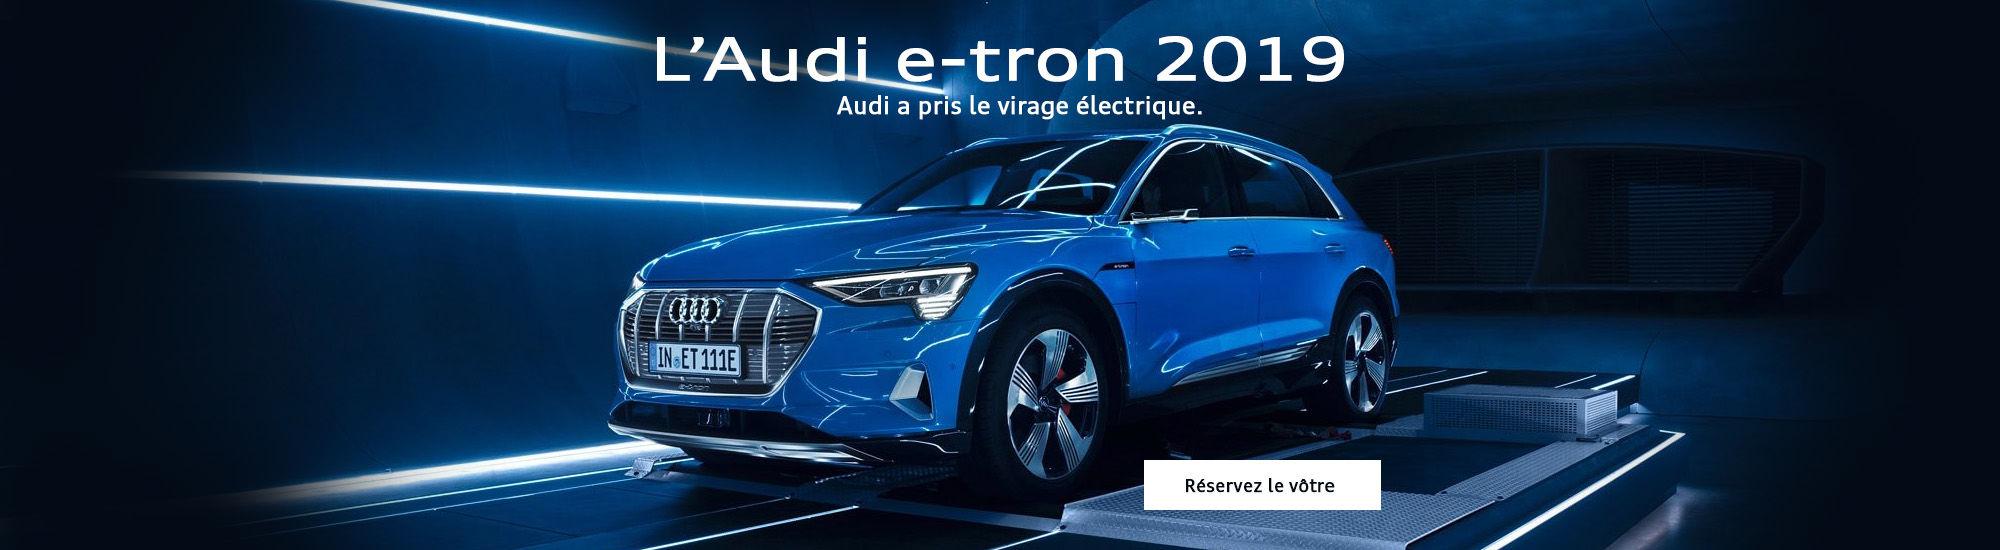 L'Audi e-tron 2019